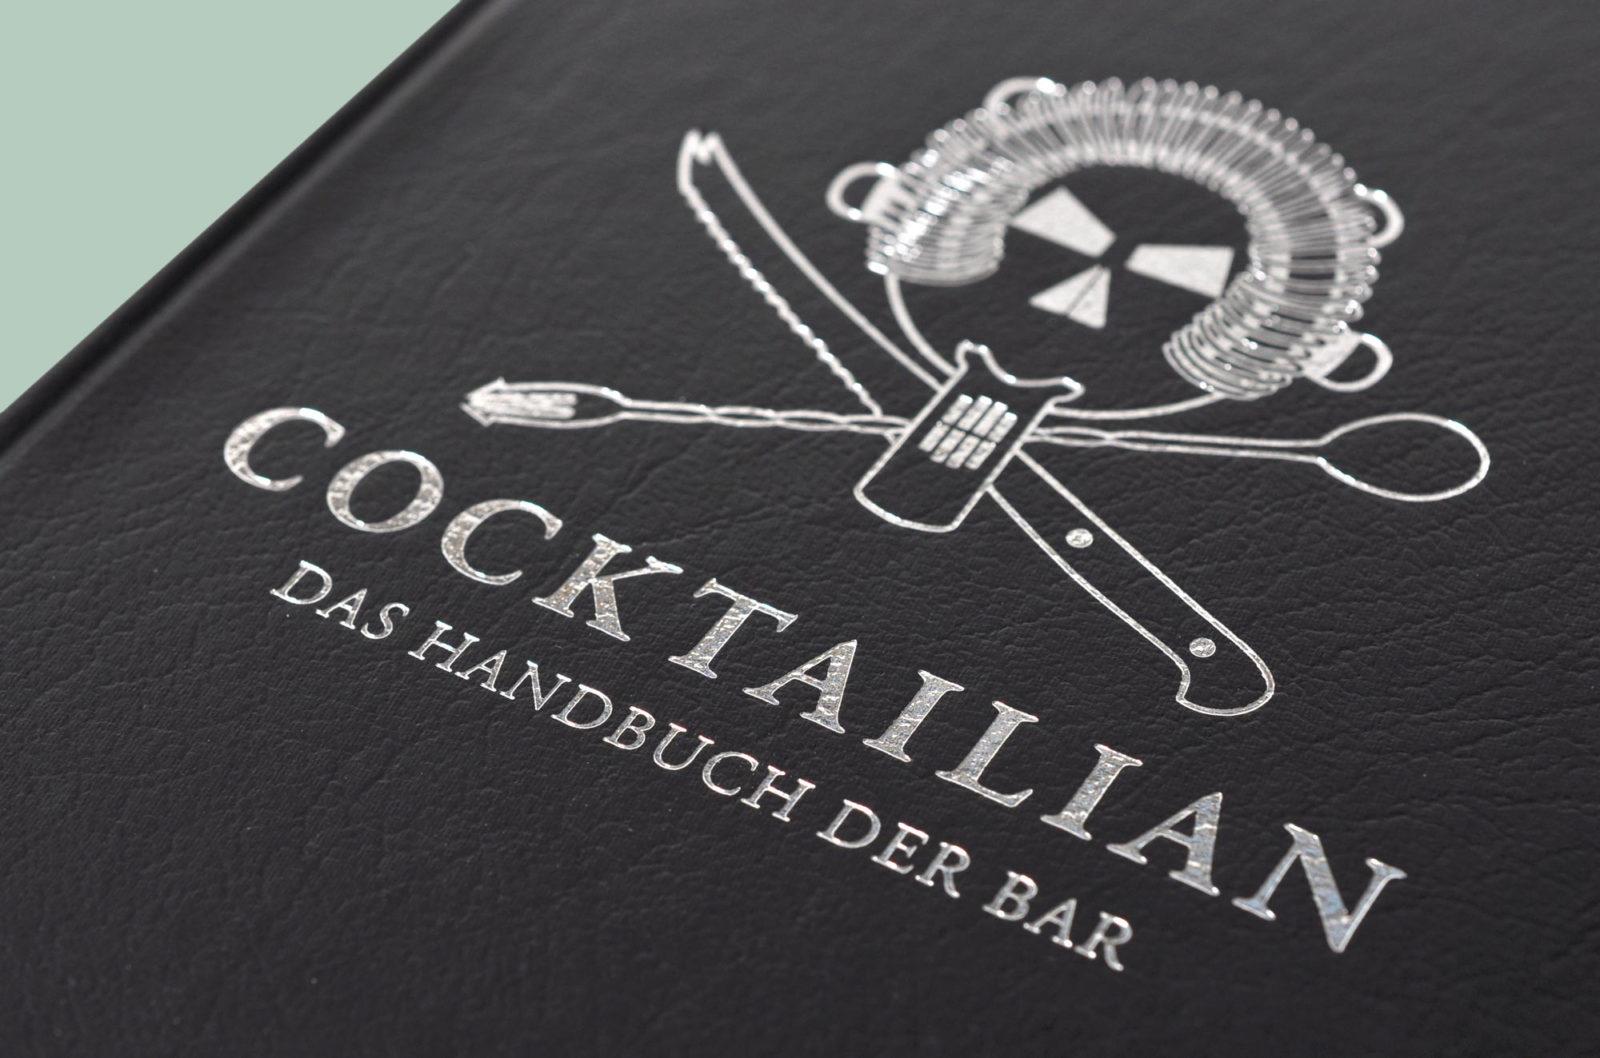 Editienne Grafikdesign - Kommunikationsdesign Berlin- Buchgestaltung Cocktailian 1 Das Handbuch der Bar 21.2